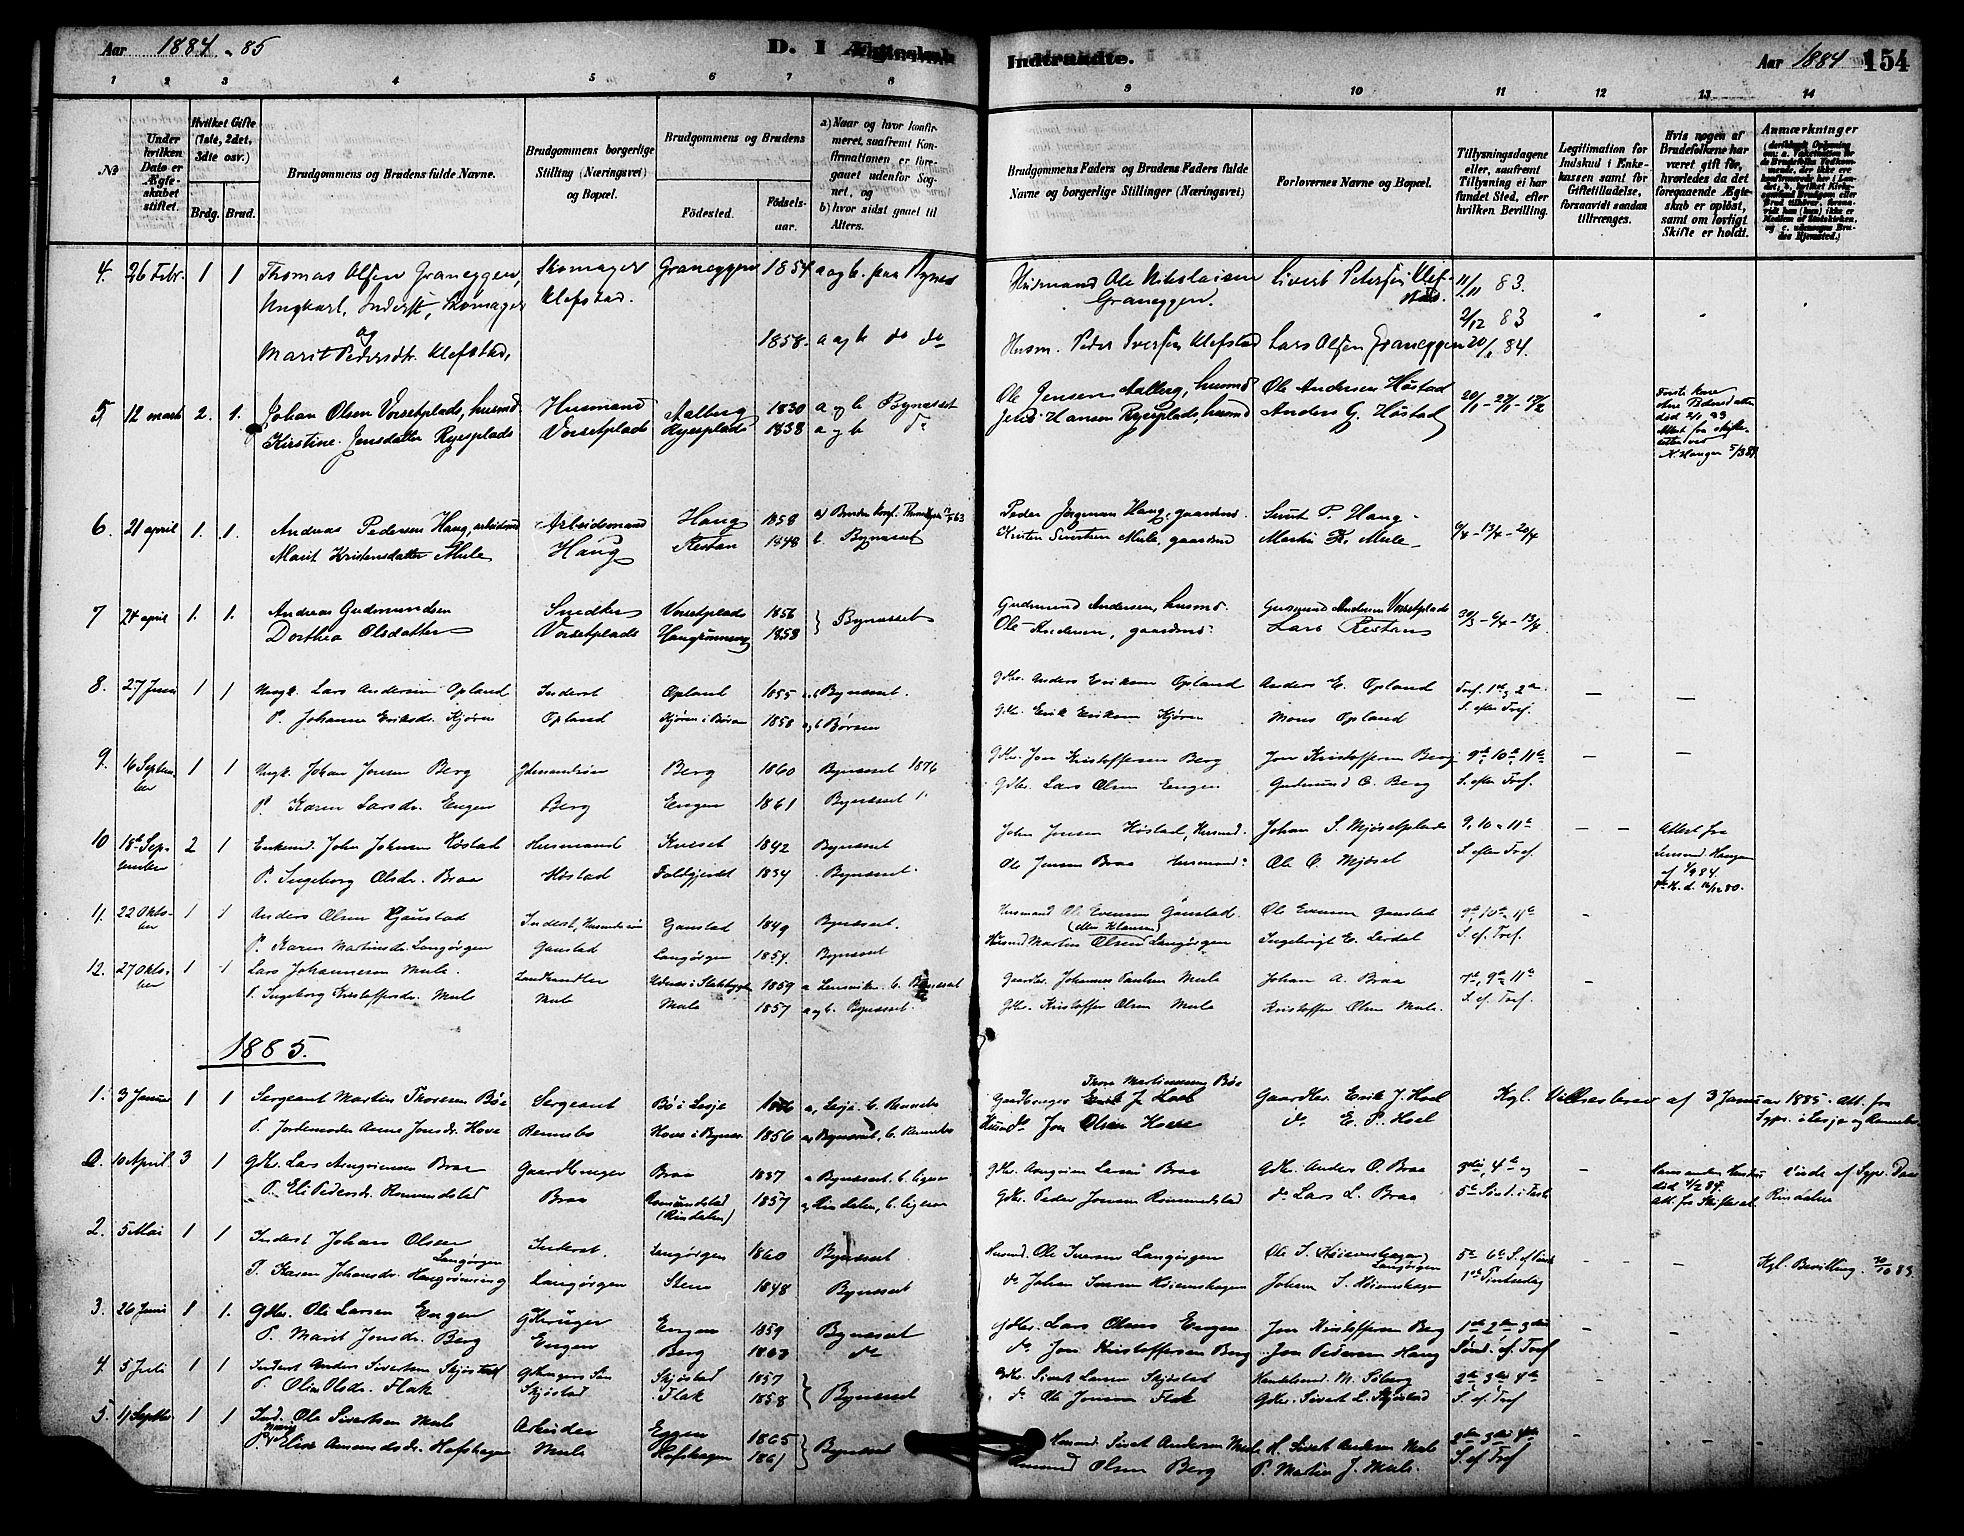 SAT, Ministerialprotokoller, klokkerbøker og fødselsregistre - Sør-Trøndelag, 612/L0378: Ministerialbok nr. 612A10, 1878-1897, s. 154